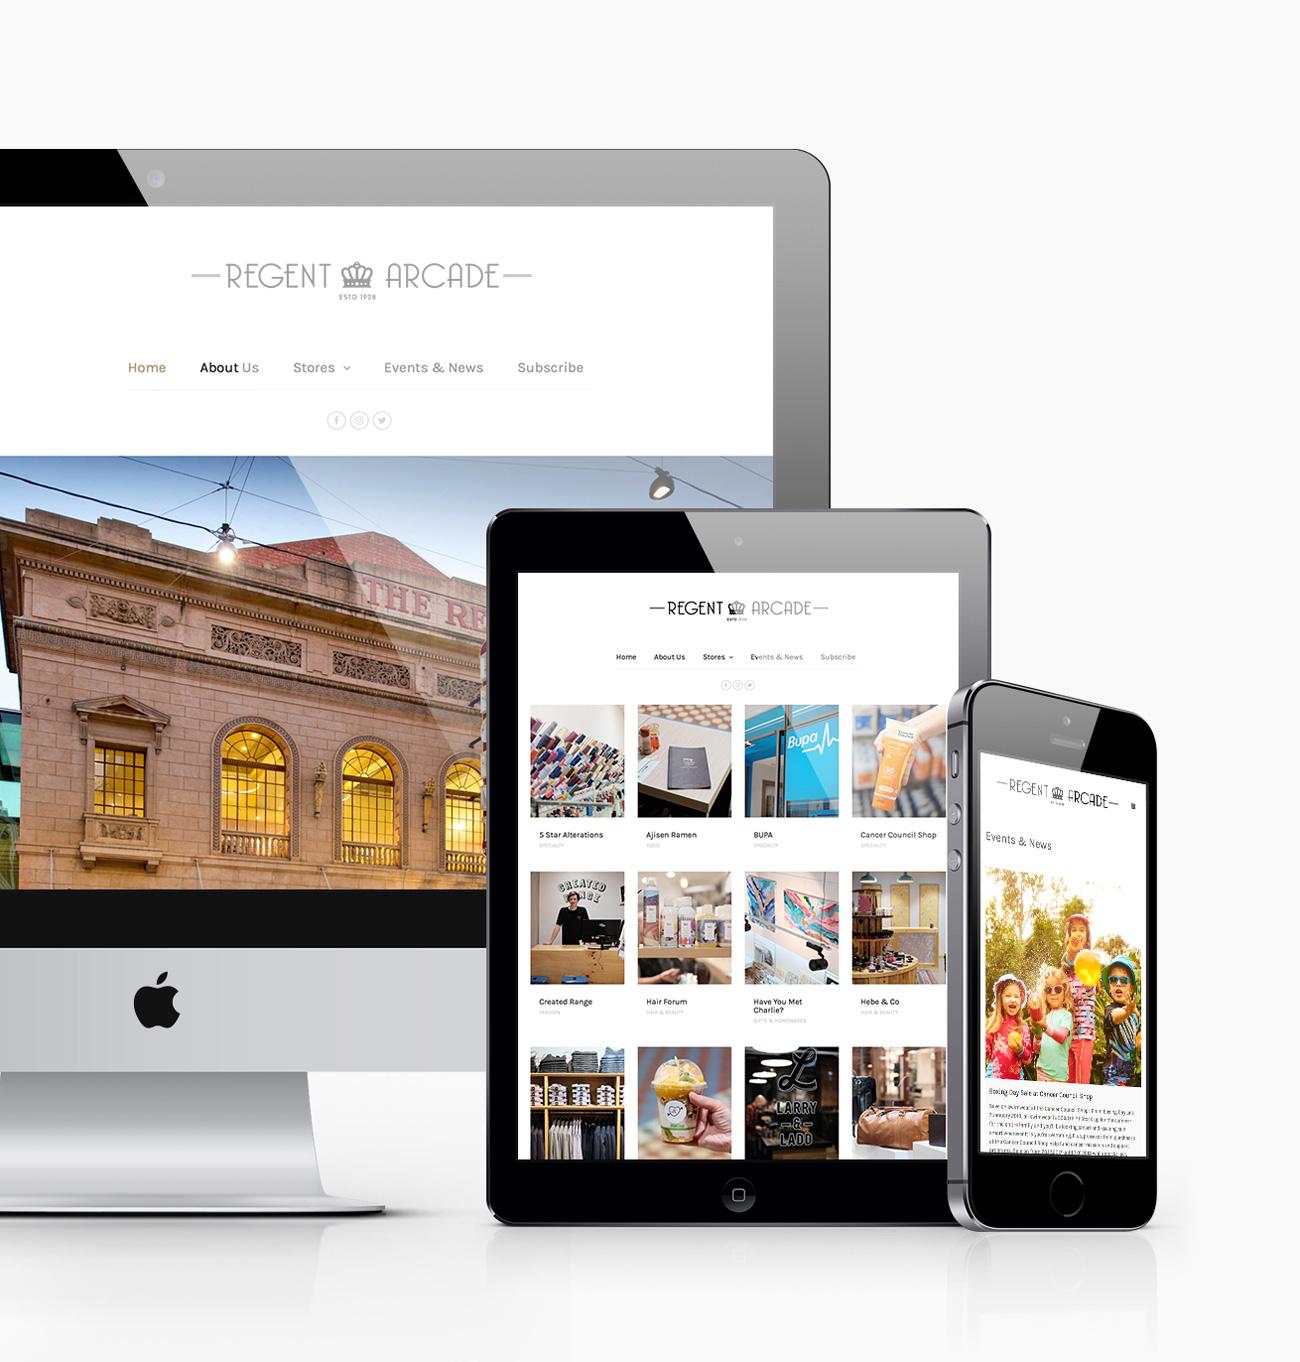 regent-arcade-website